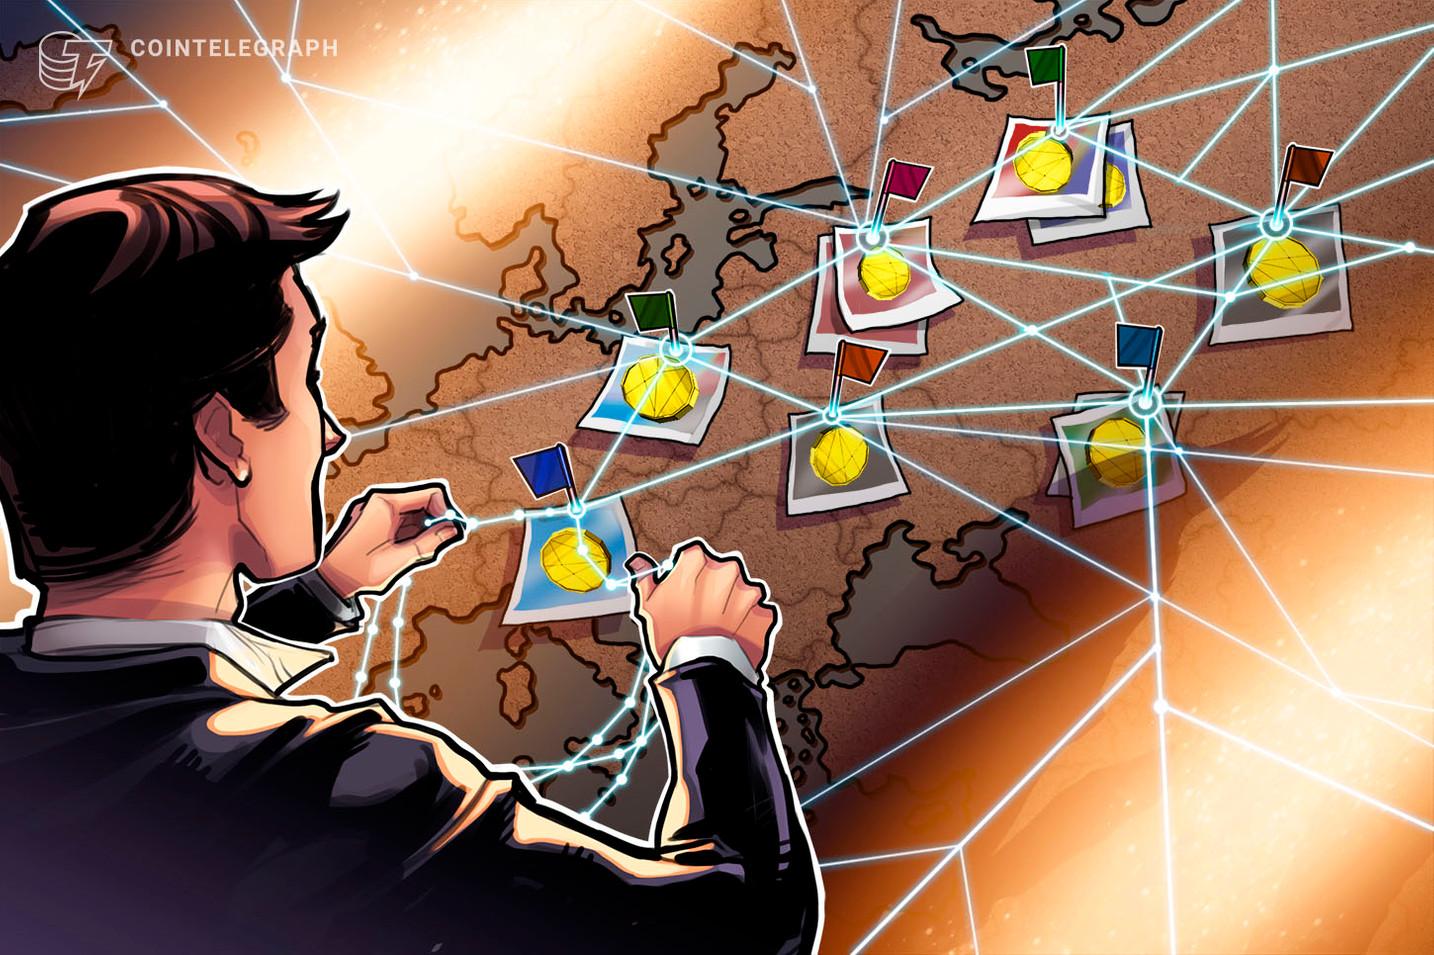 韓国郵政、官民提携でブロックチェーン決済システム構築へ|仮想通貨取引所コインプラグなどと連携